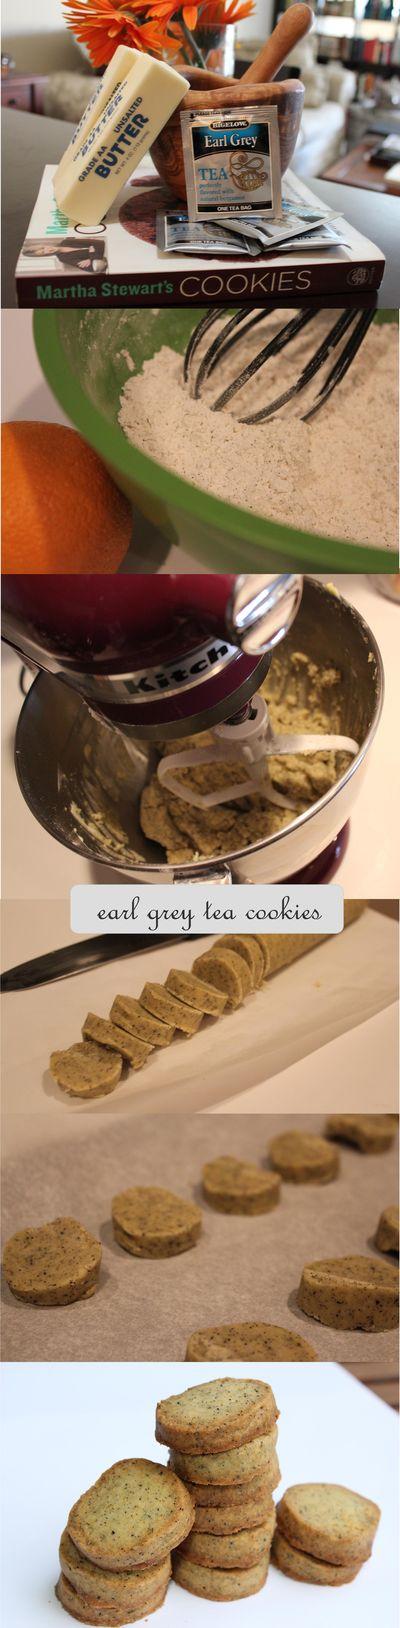 Earl grey cookies prep